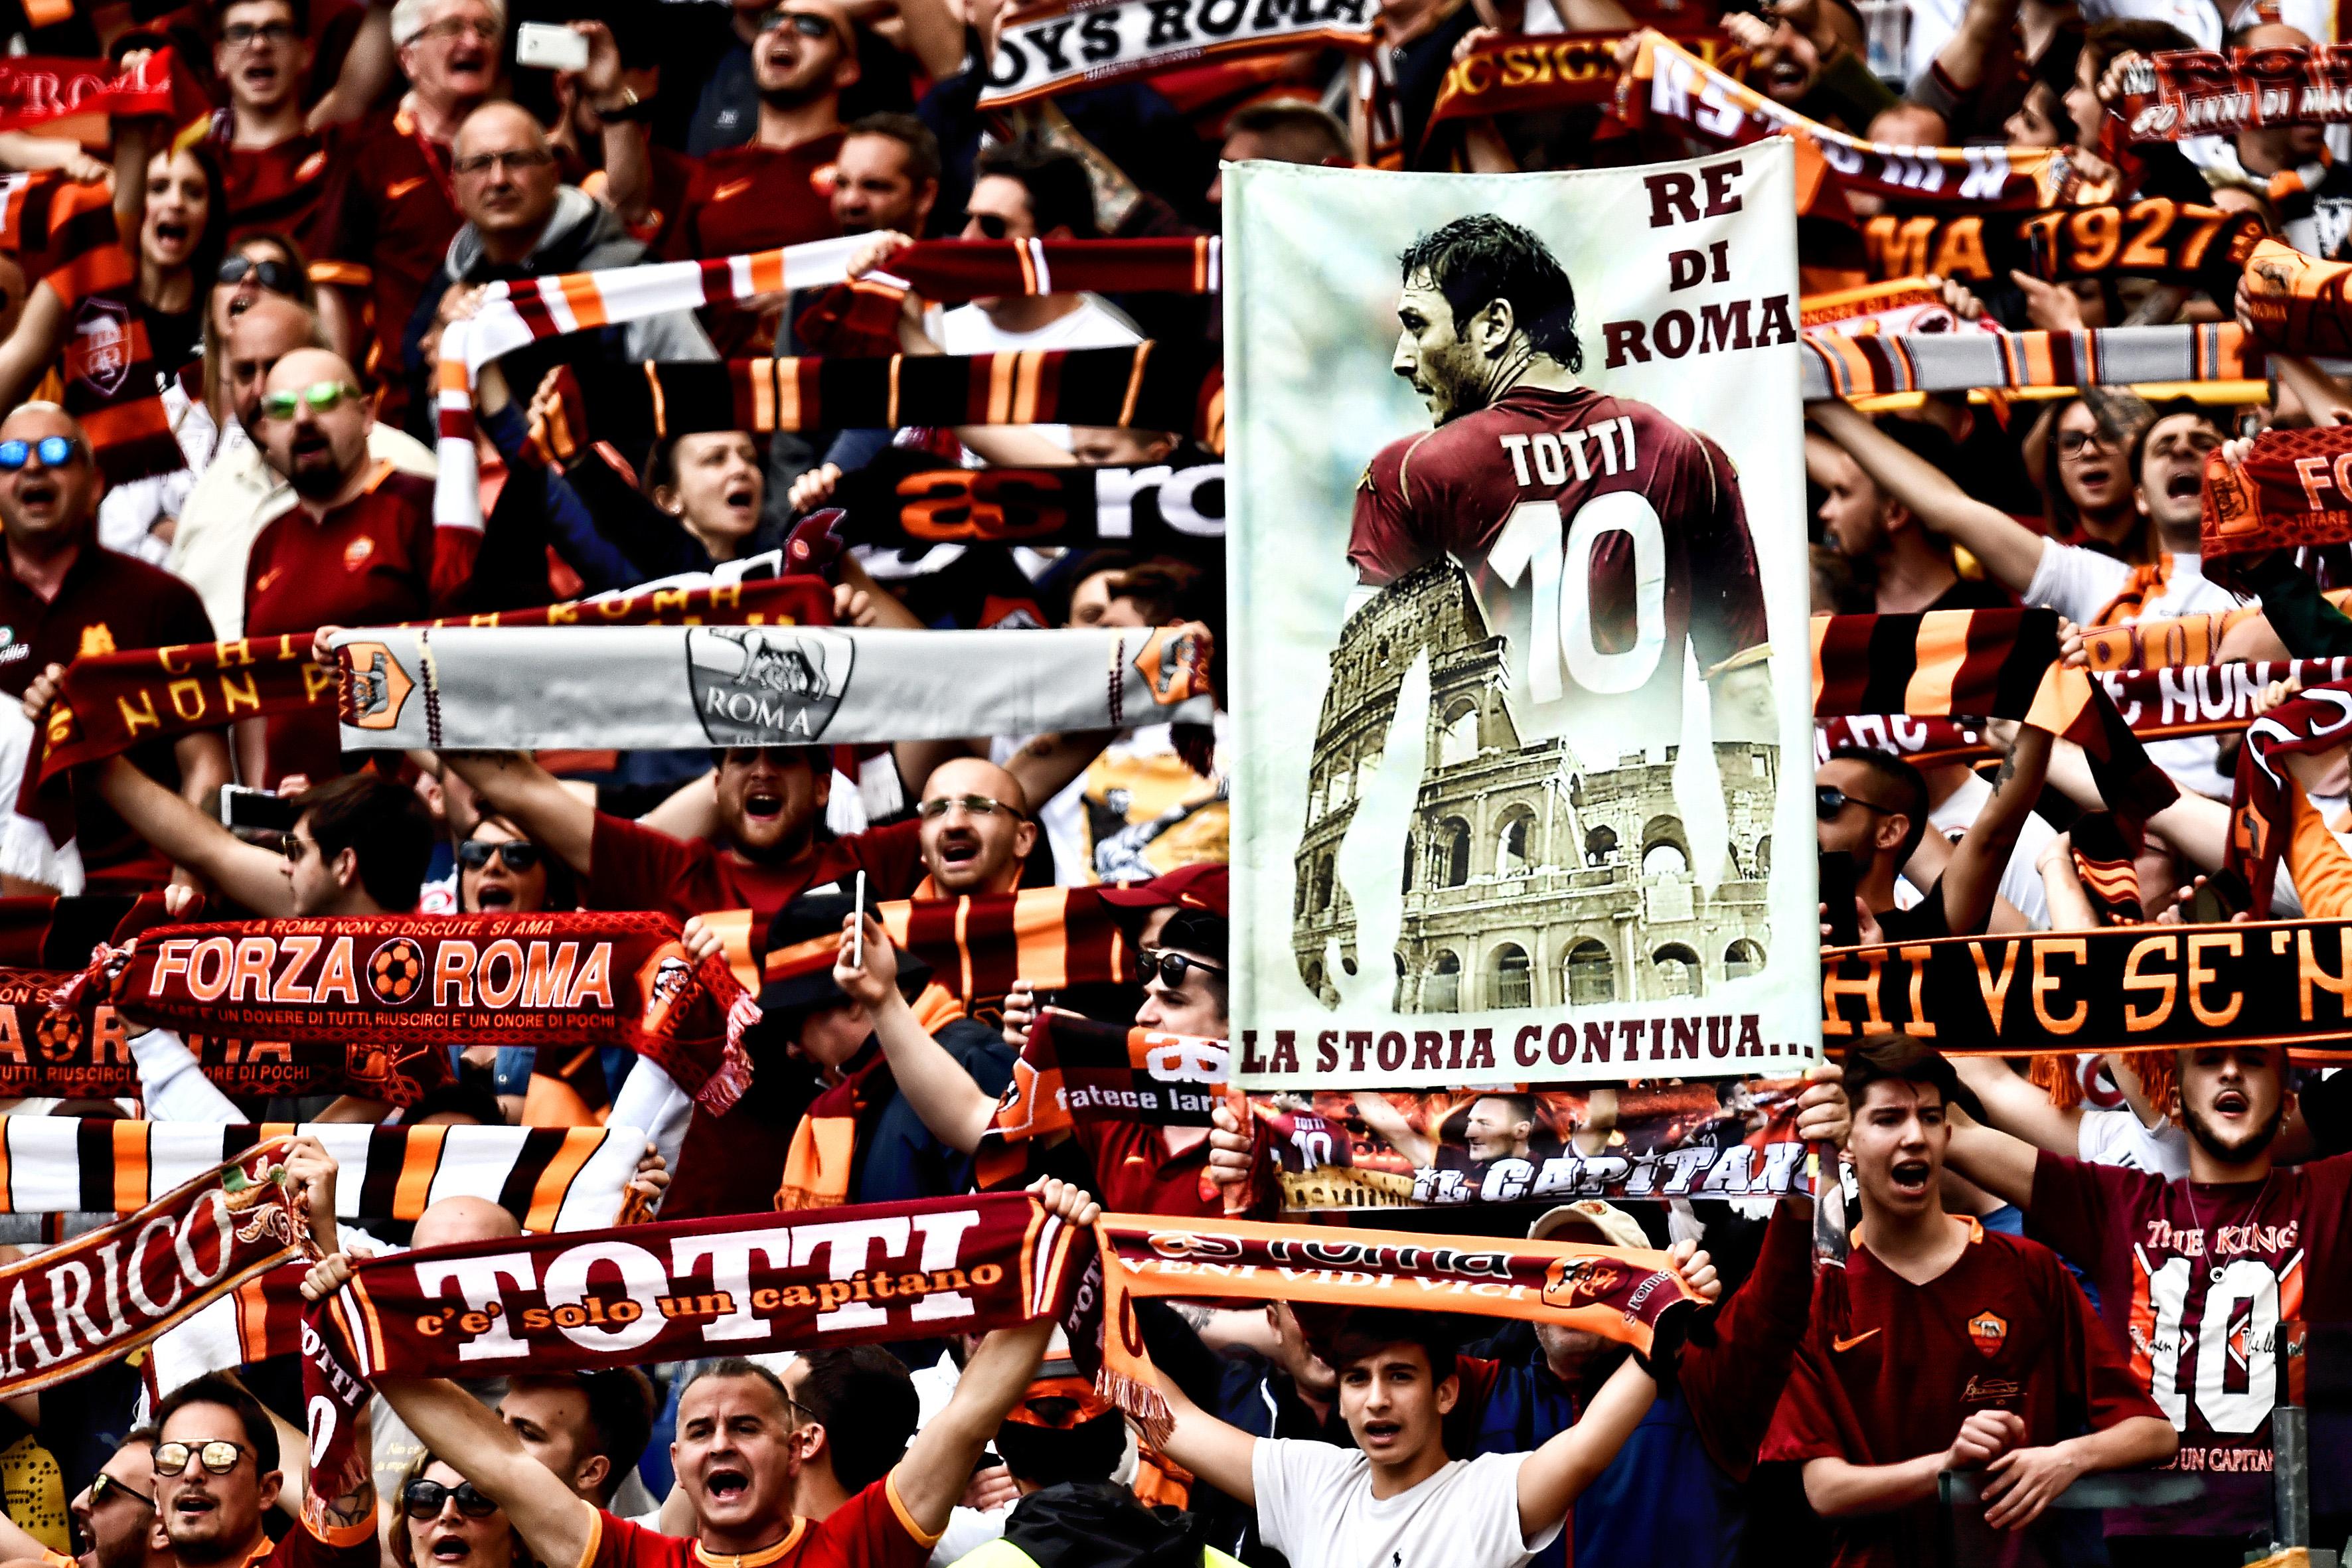 Football - Etranger - Totti le magnifique tire sa révérence